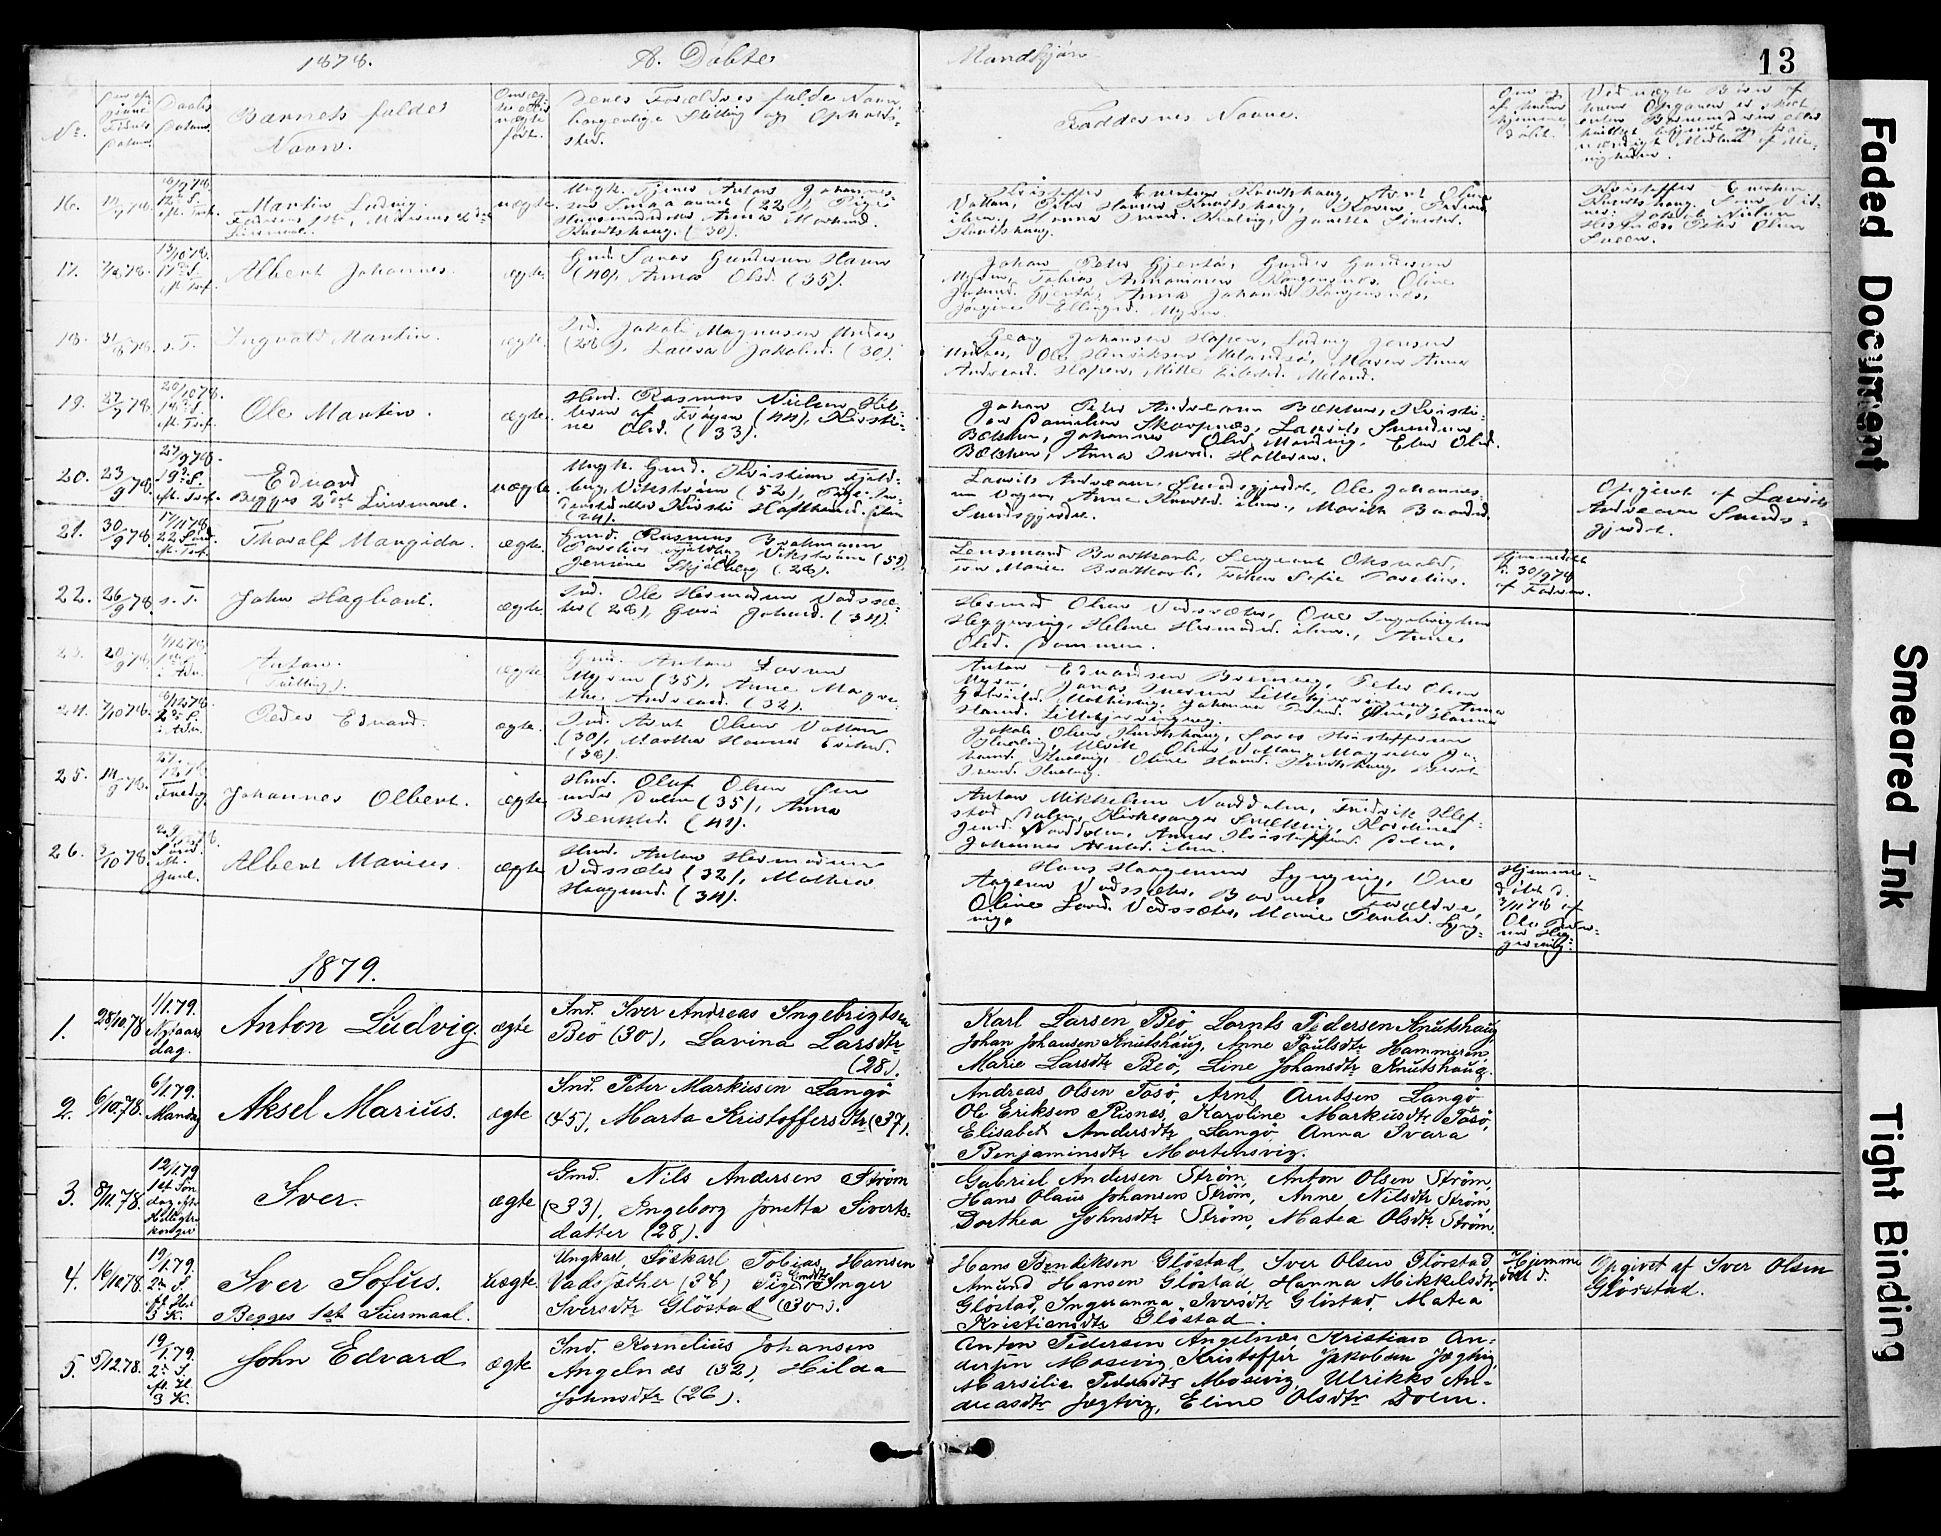 SAT, Ministerialprotokoller, klokkerbøker og fødselsregistre - Sør-Trøndelag, 634/L0541: Klokkerbok nr. 634C03, 1874-1891, s. 13